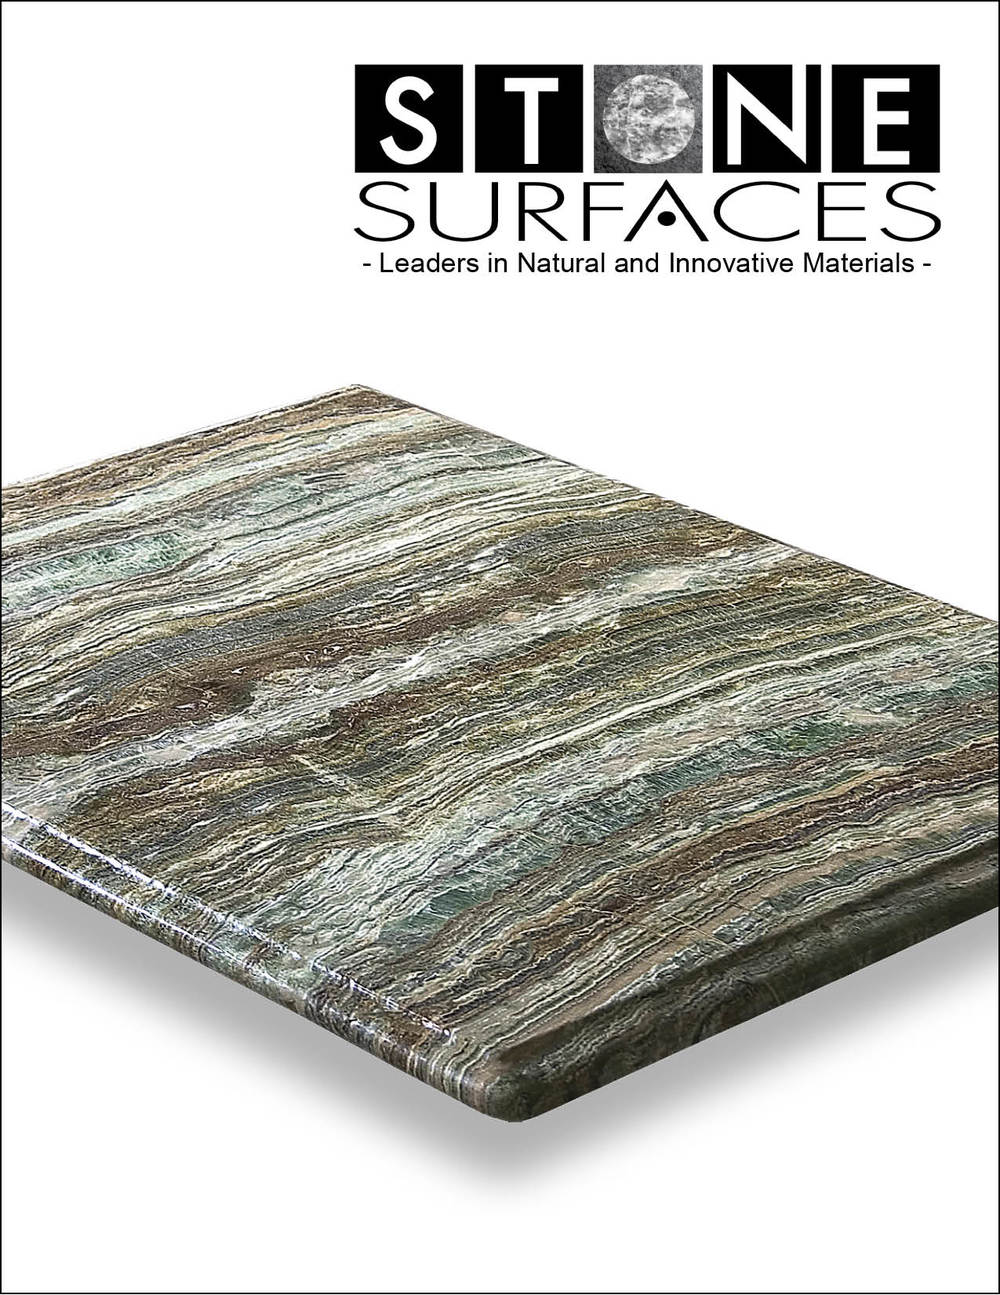 SS_Brochure_Cover.jpg